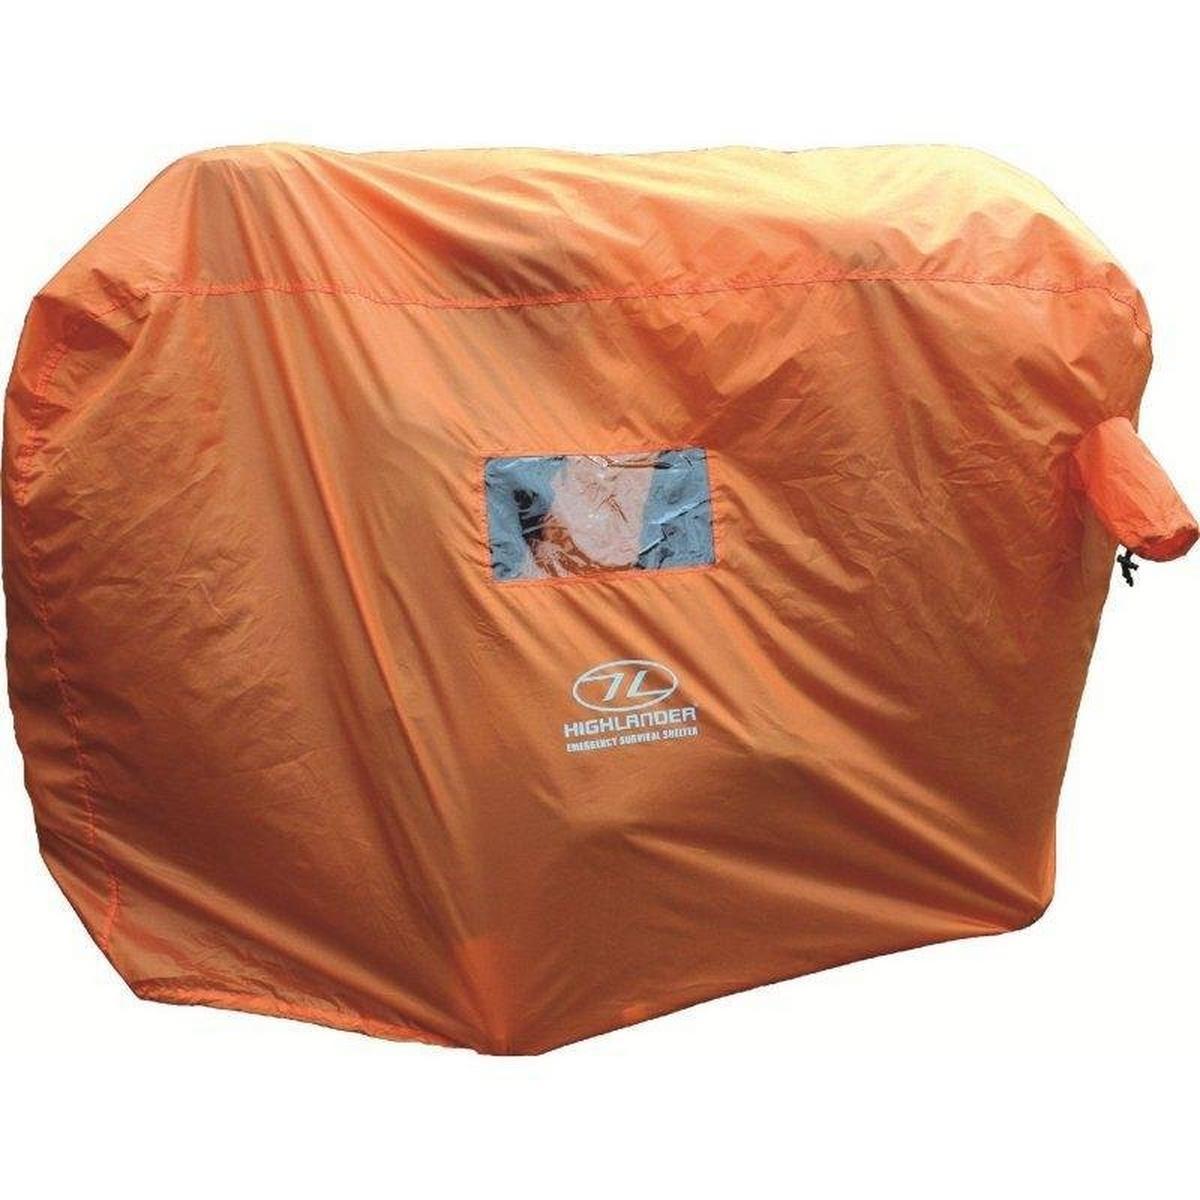 Highlander 4-5 Person Emergency Survival Bag